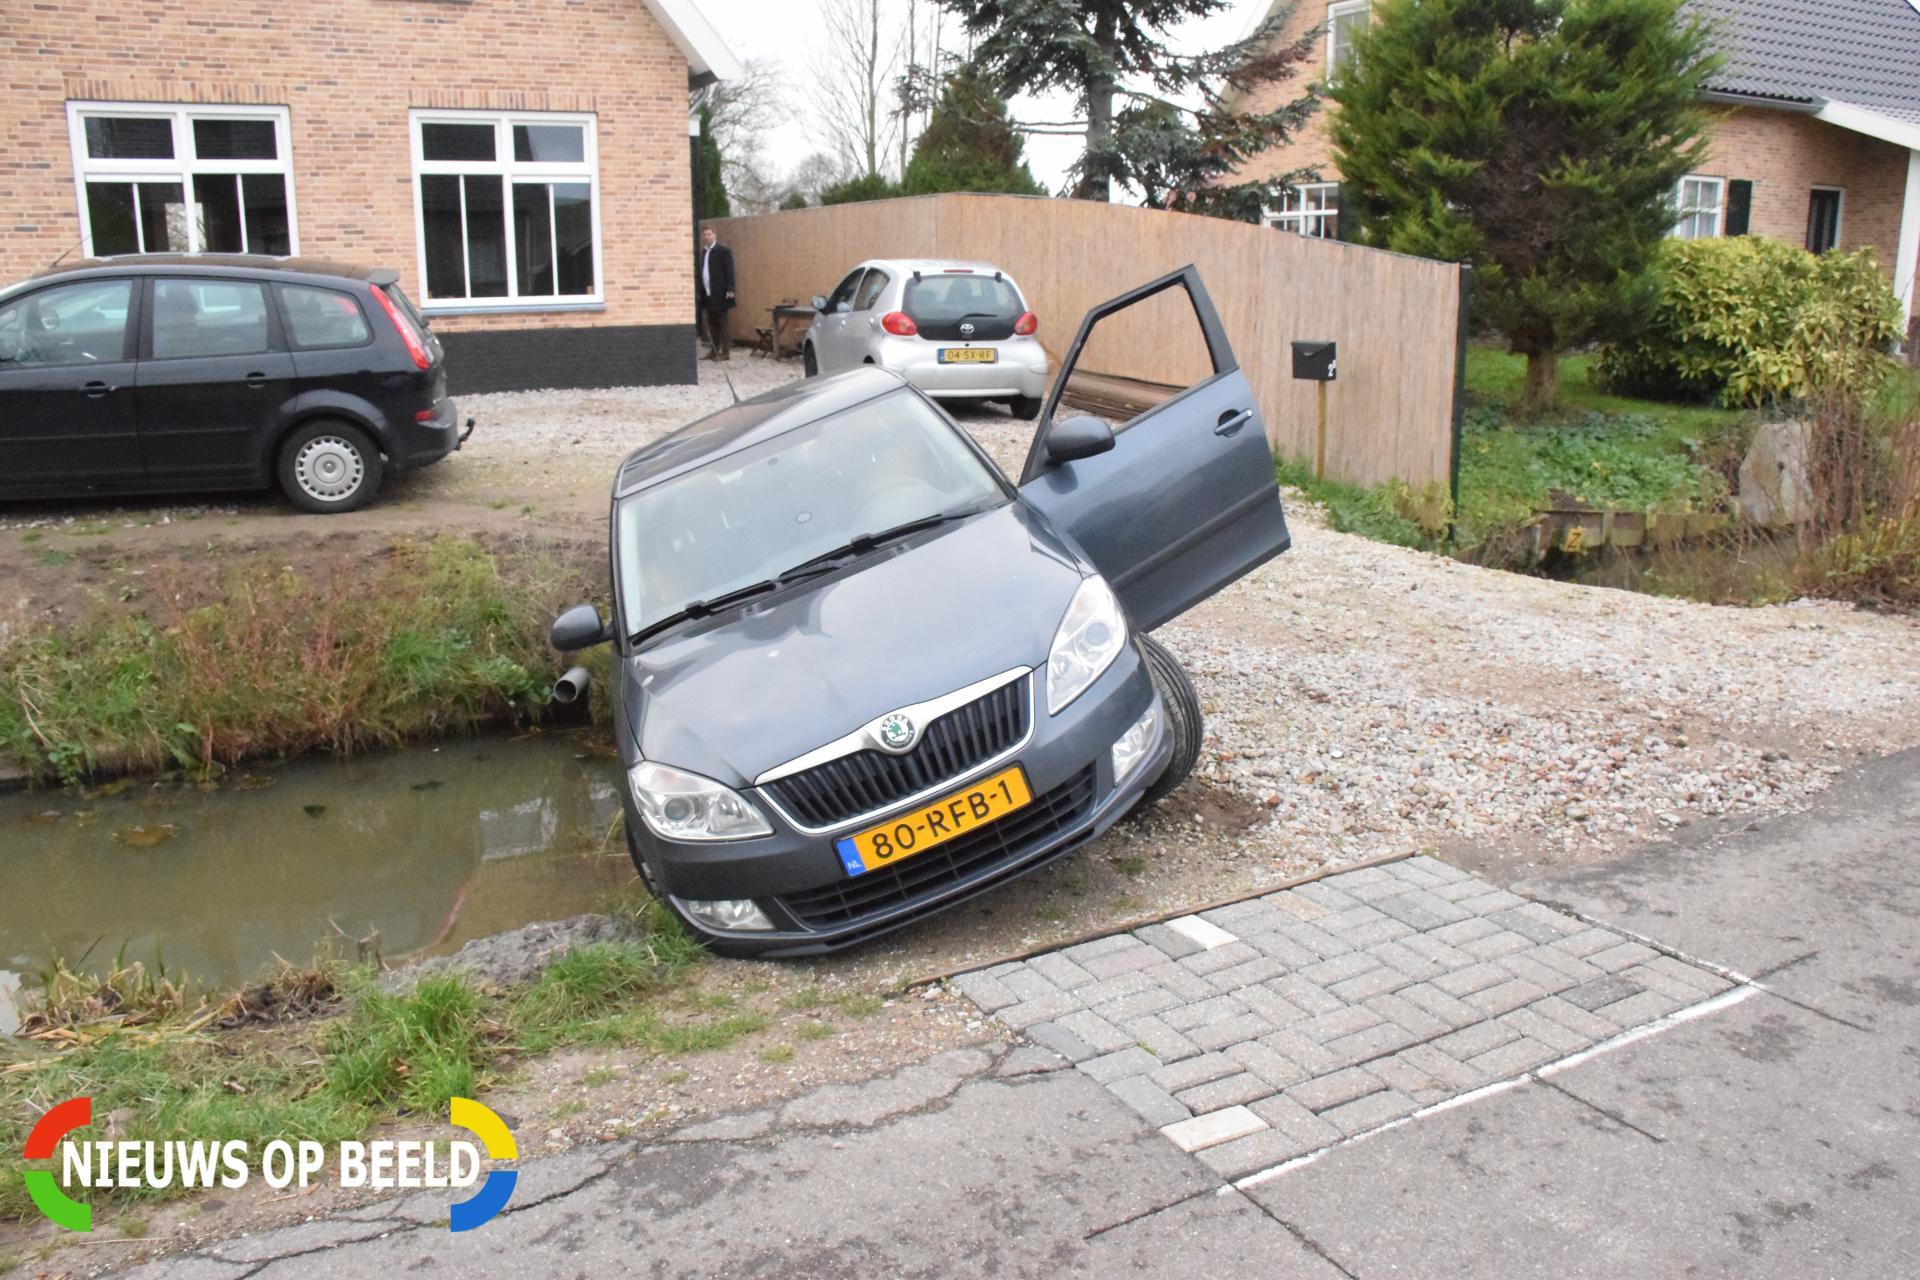 Auto hangt boven sloot na foutje op oprit Broekselaantje Bergambacht